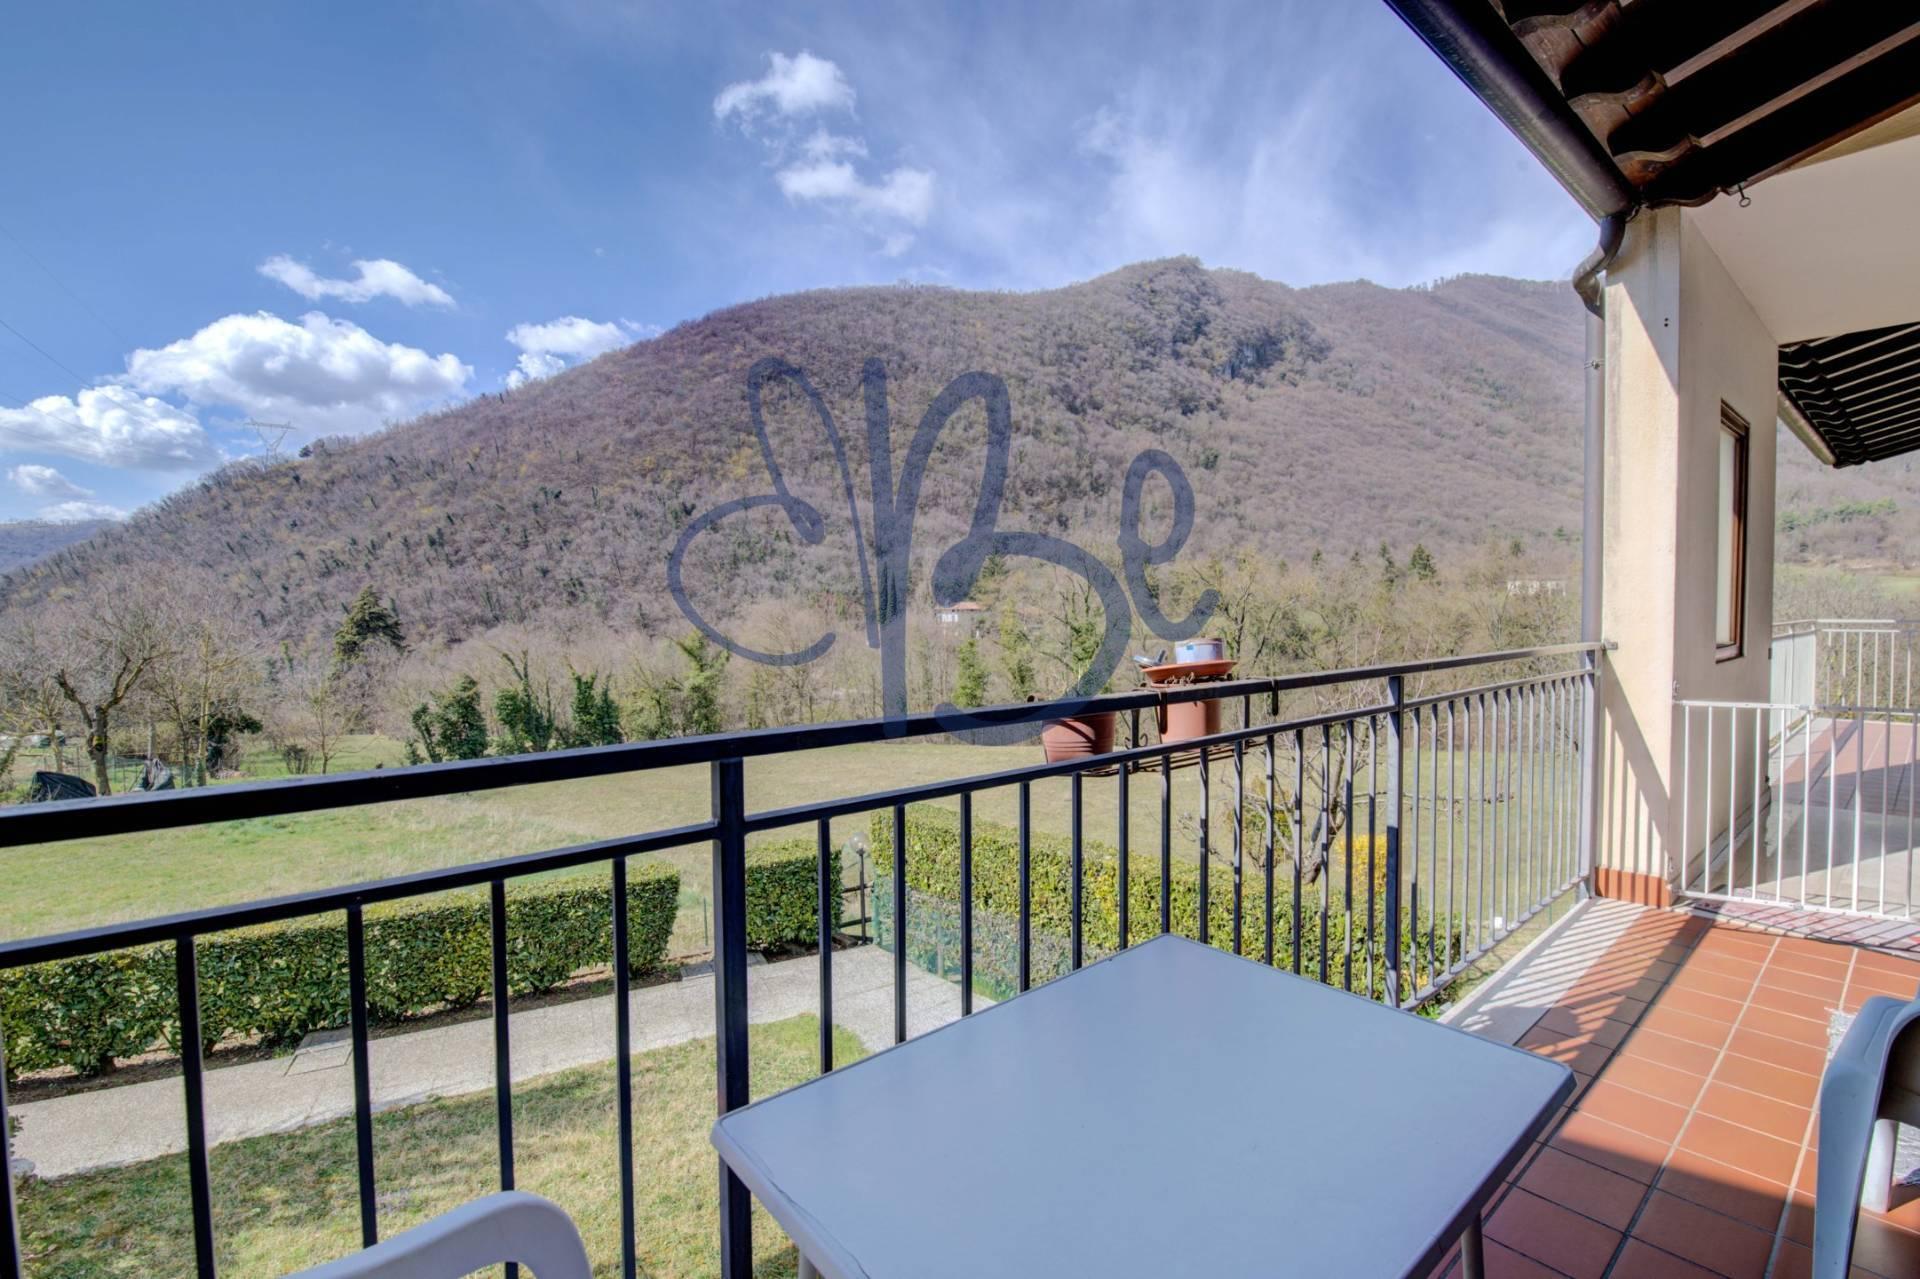 Appartamento in vendita a Gardone Riviera, 3 locali, zona Località: SanMichele, prezzo € 130.000 | CambioCasa.it